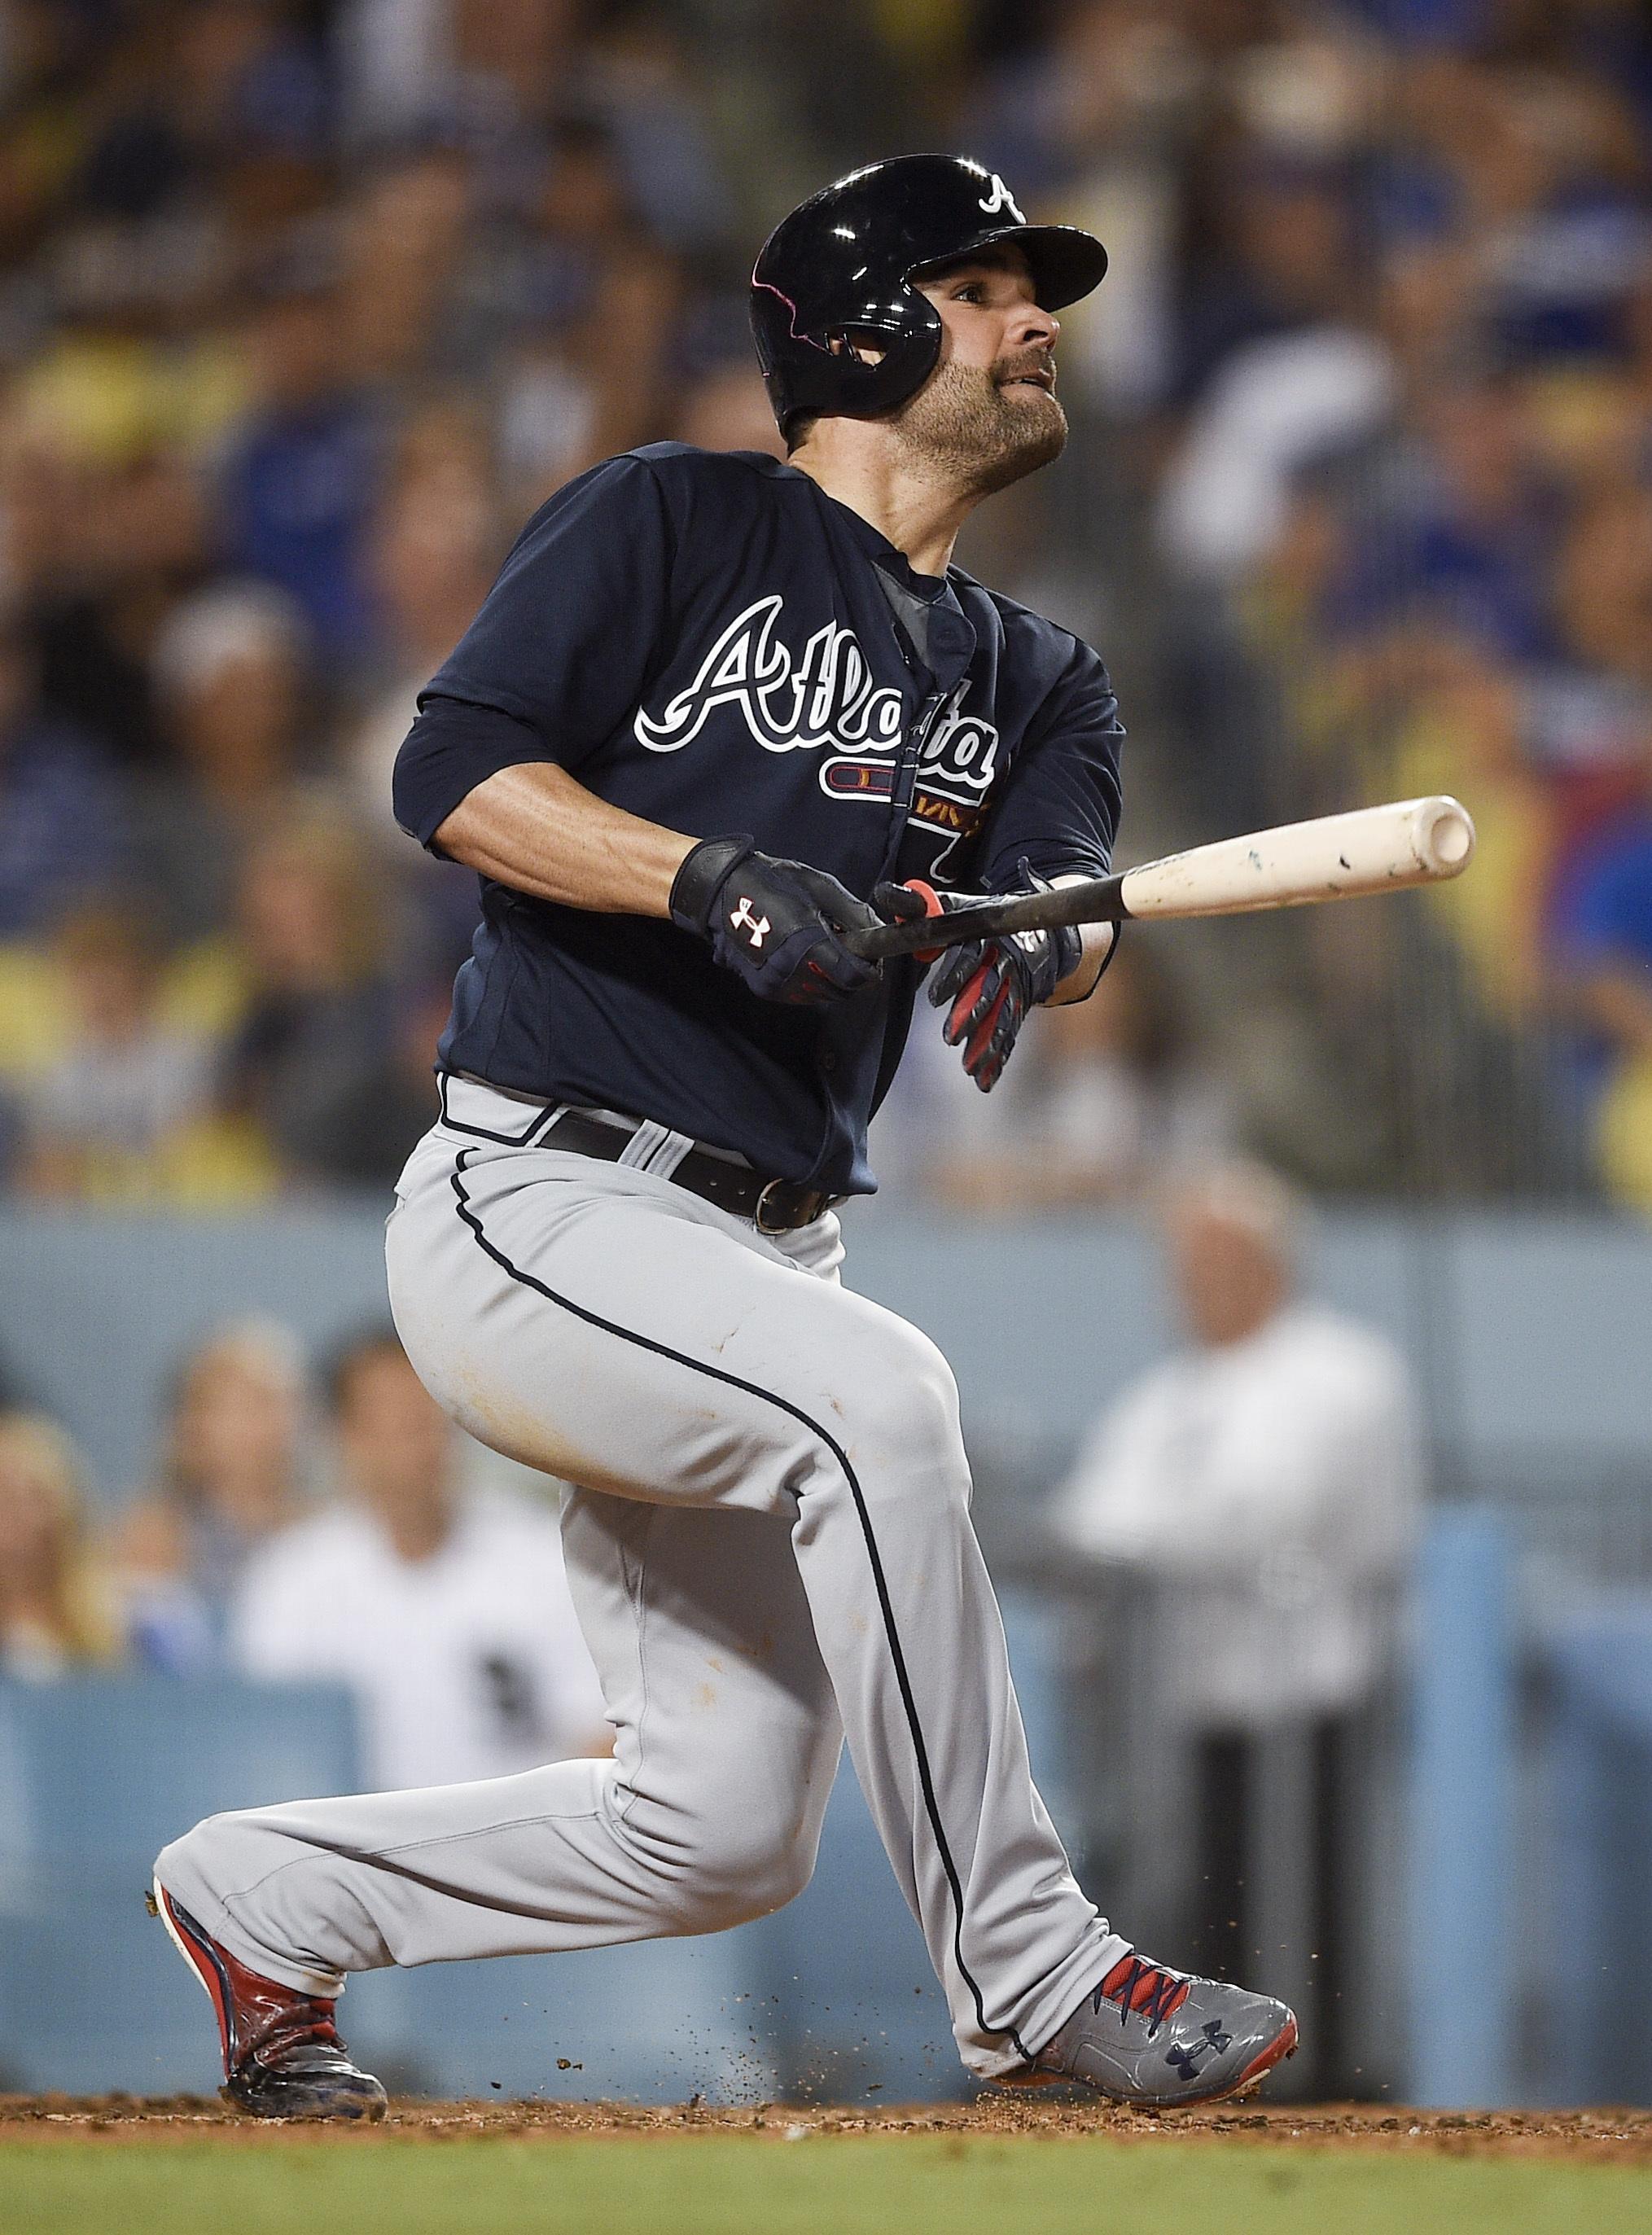 Braves_dodgers_baseball_50726